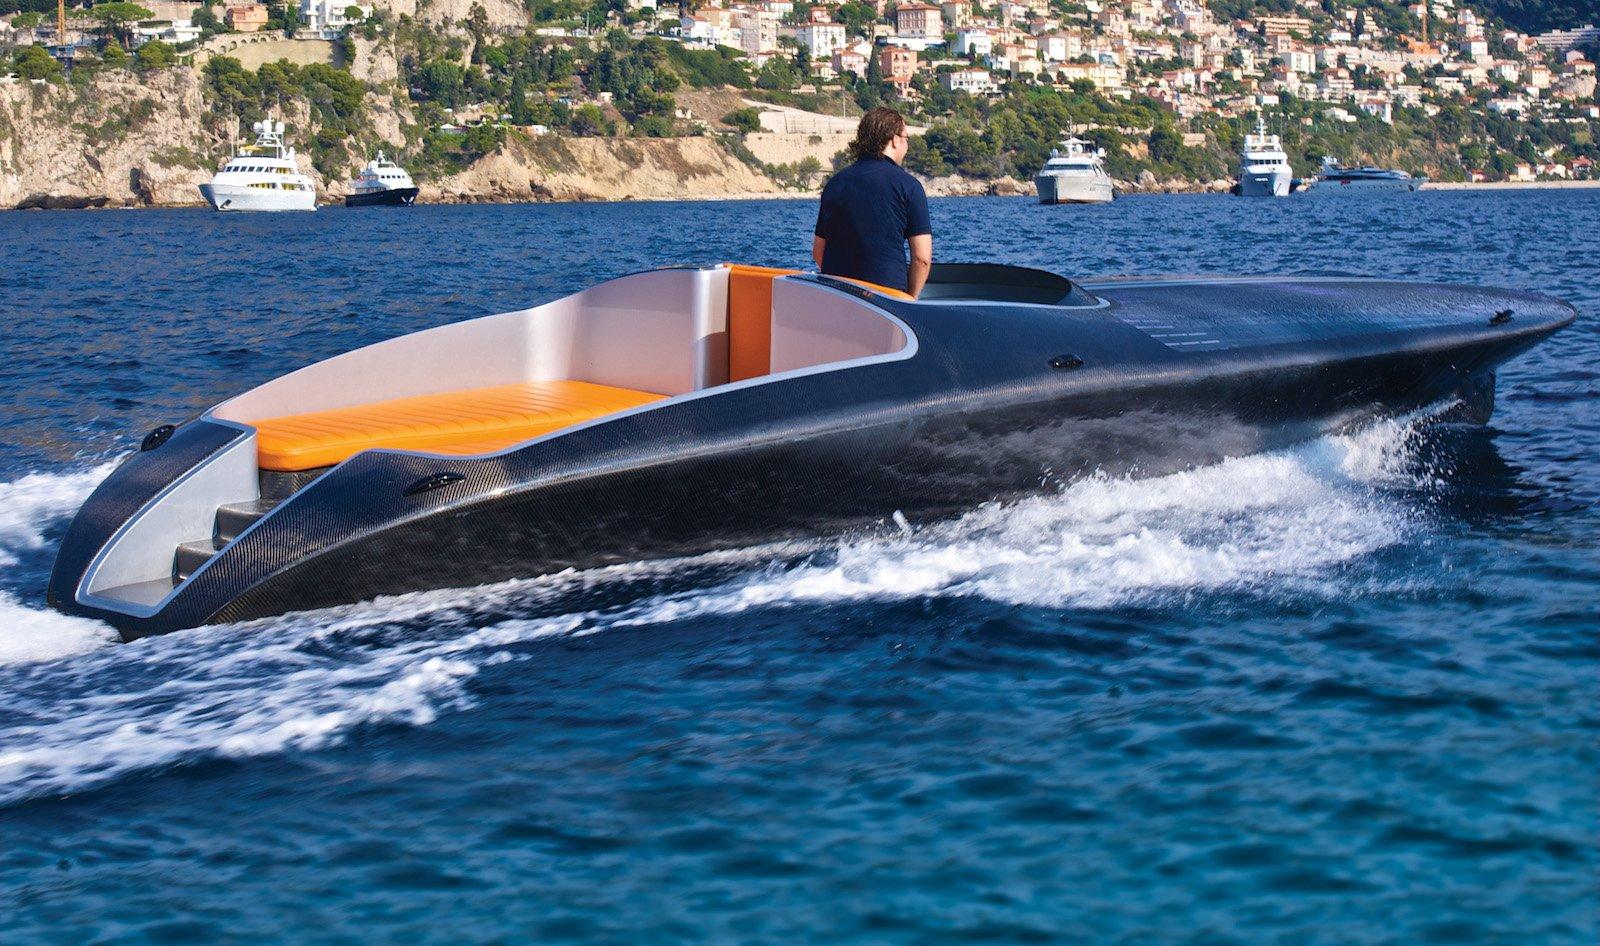 Soelyachtshat auch ein Solar-Schnellboot mit 30 Knoten Spitze anzubieten.